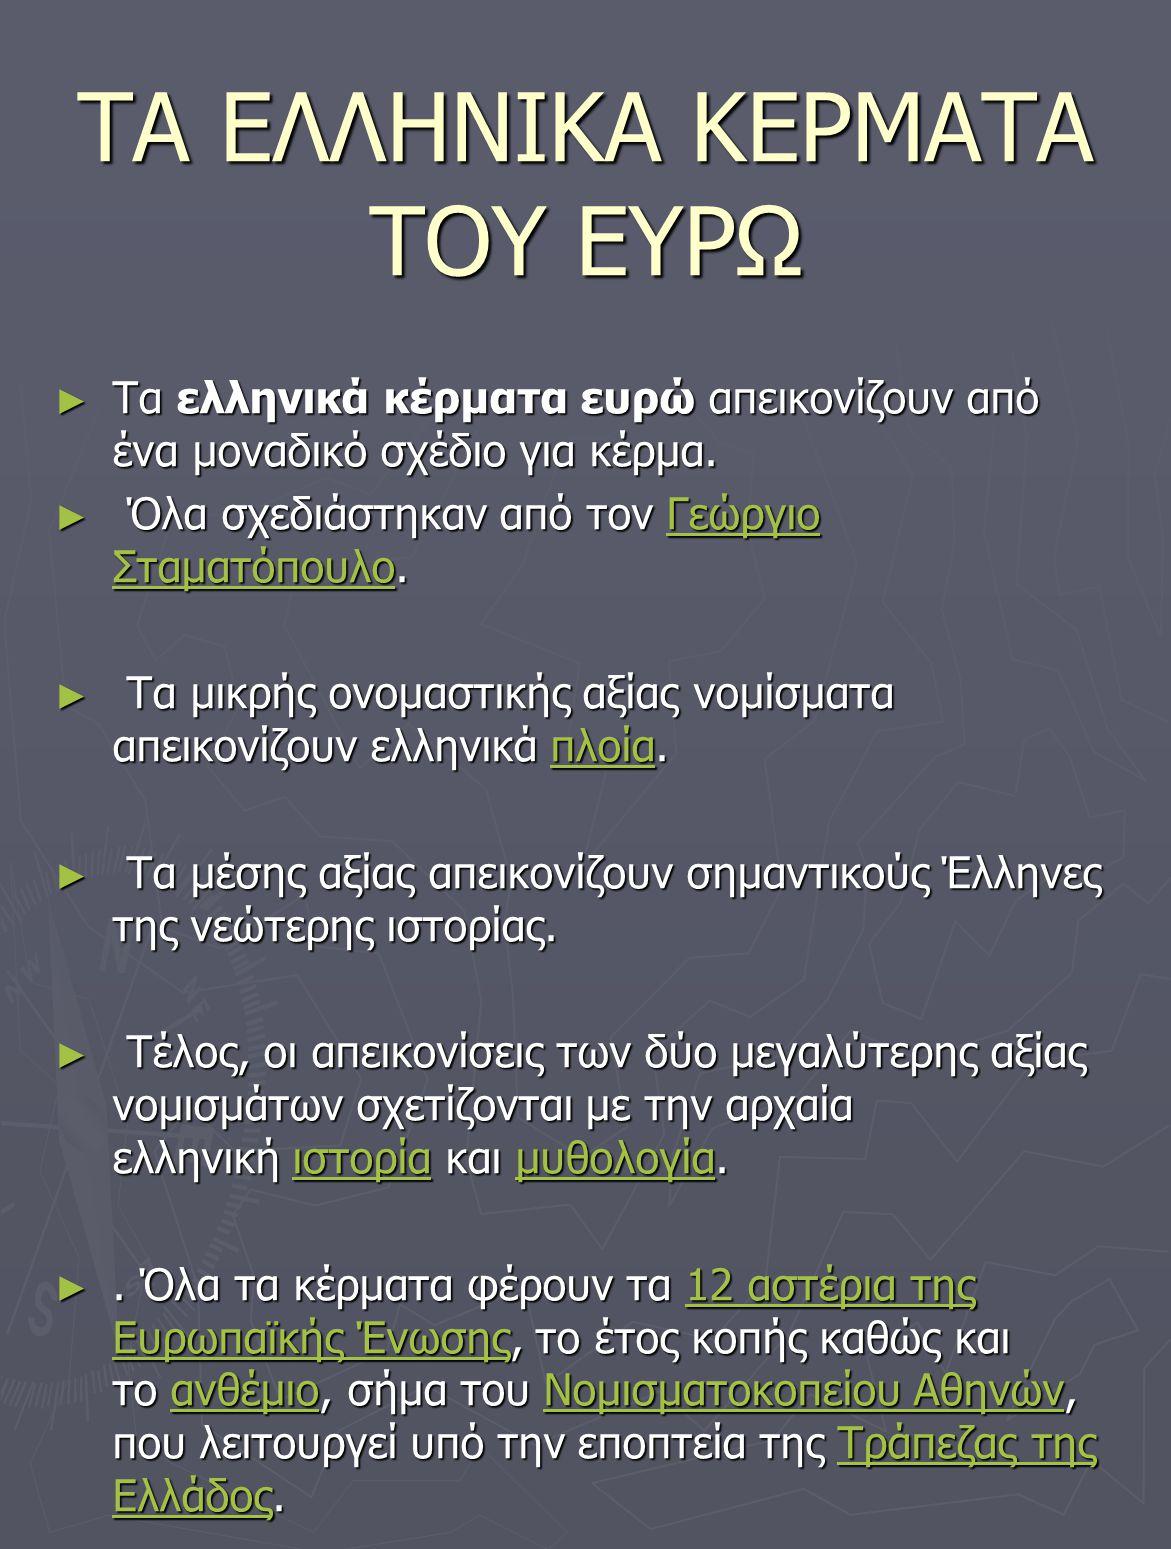 ΤΑ ΕΛΛΗΝΙΚΑ ΚΕΡΜΑΤΑ ΤΟΥ ΕΥΡΩ ► Τα ελληνικά κέρματα ευρώ απεικονίζουν από ένα μοναδικό σχέδιο για κέρμα. ► Όλα σχεδιάστηκαν από τον Γεώργιο Σταματόπουλ